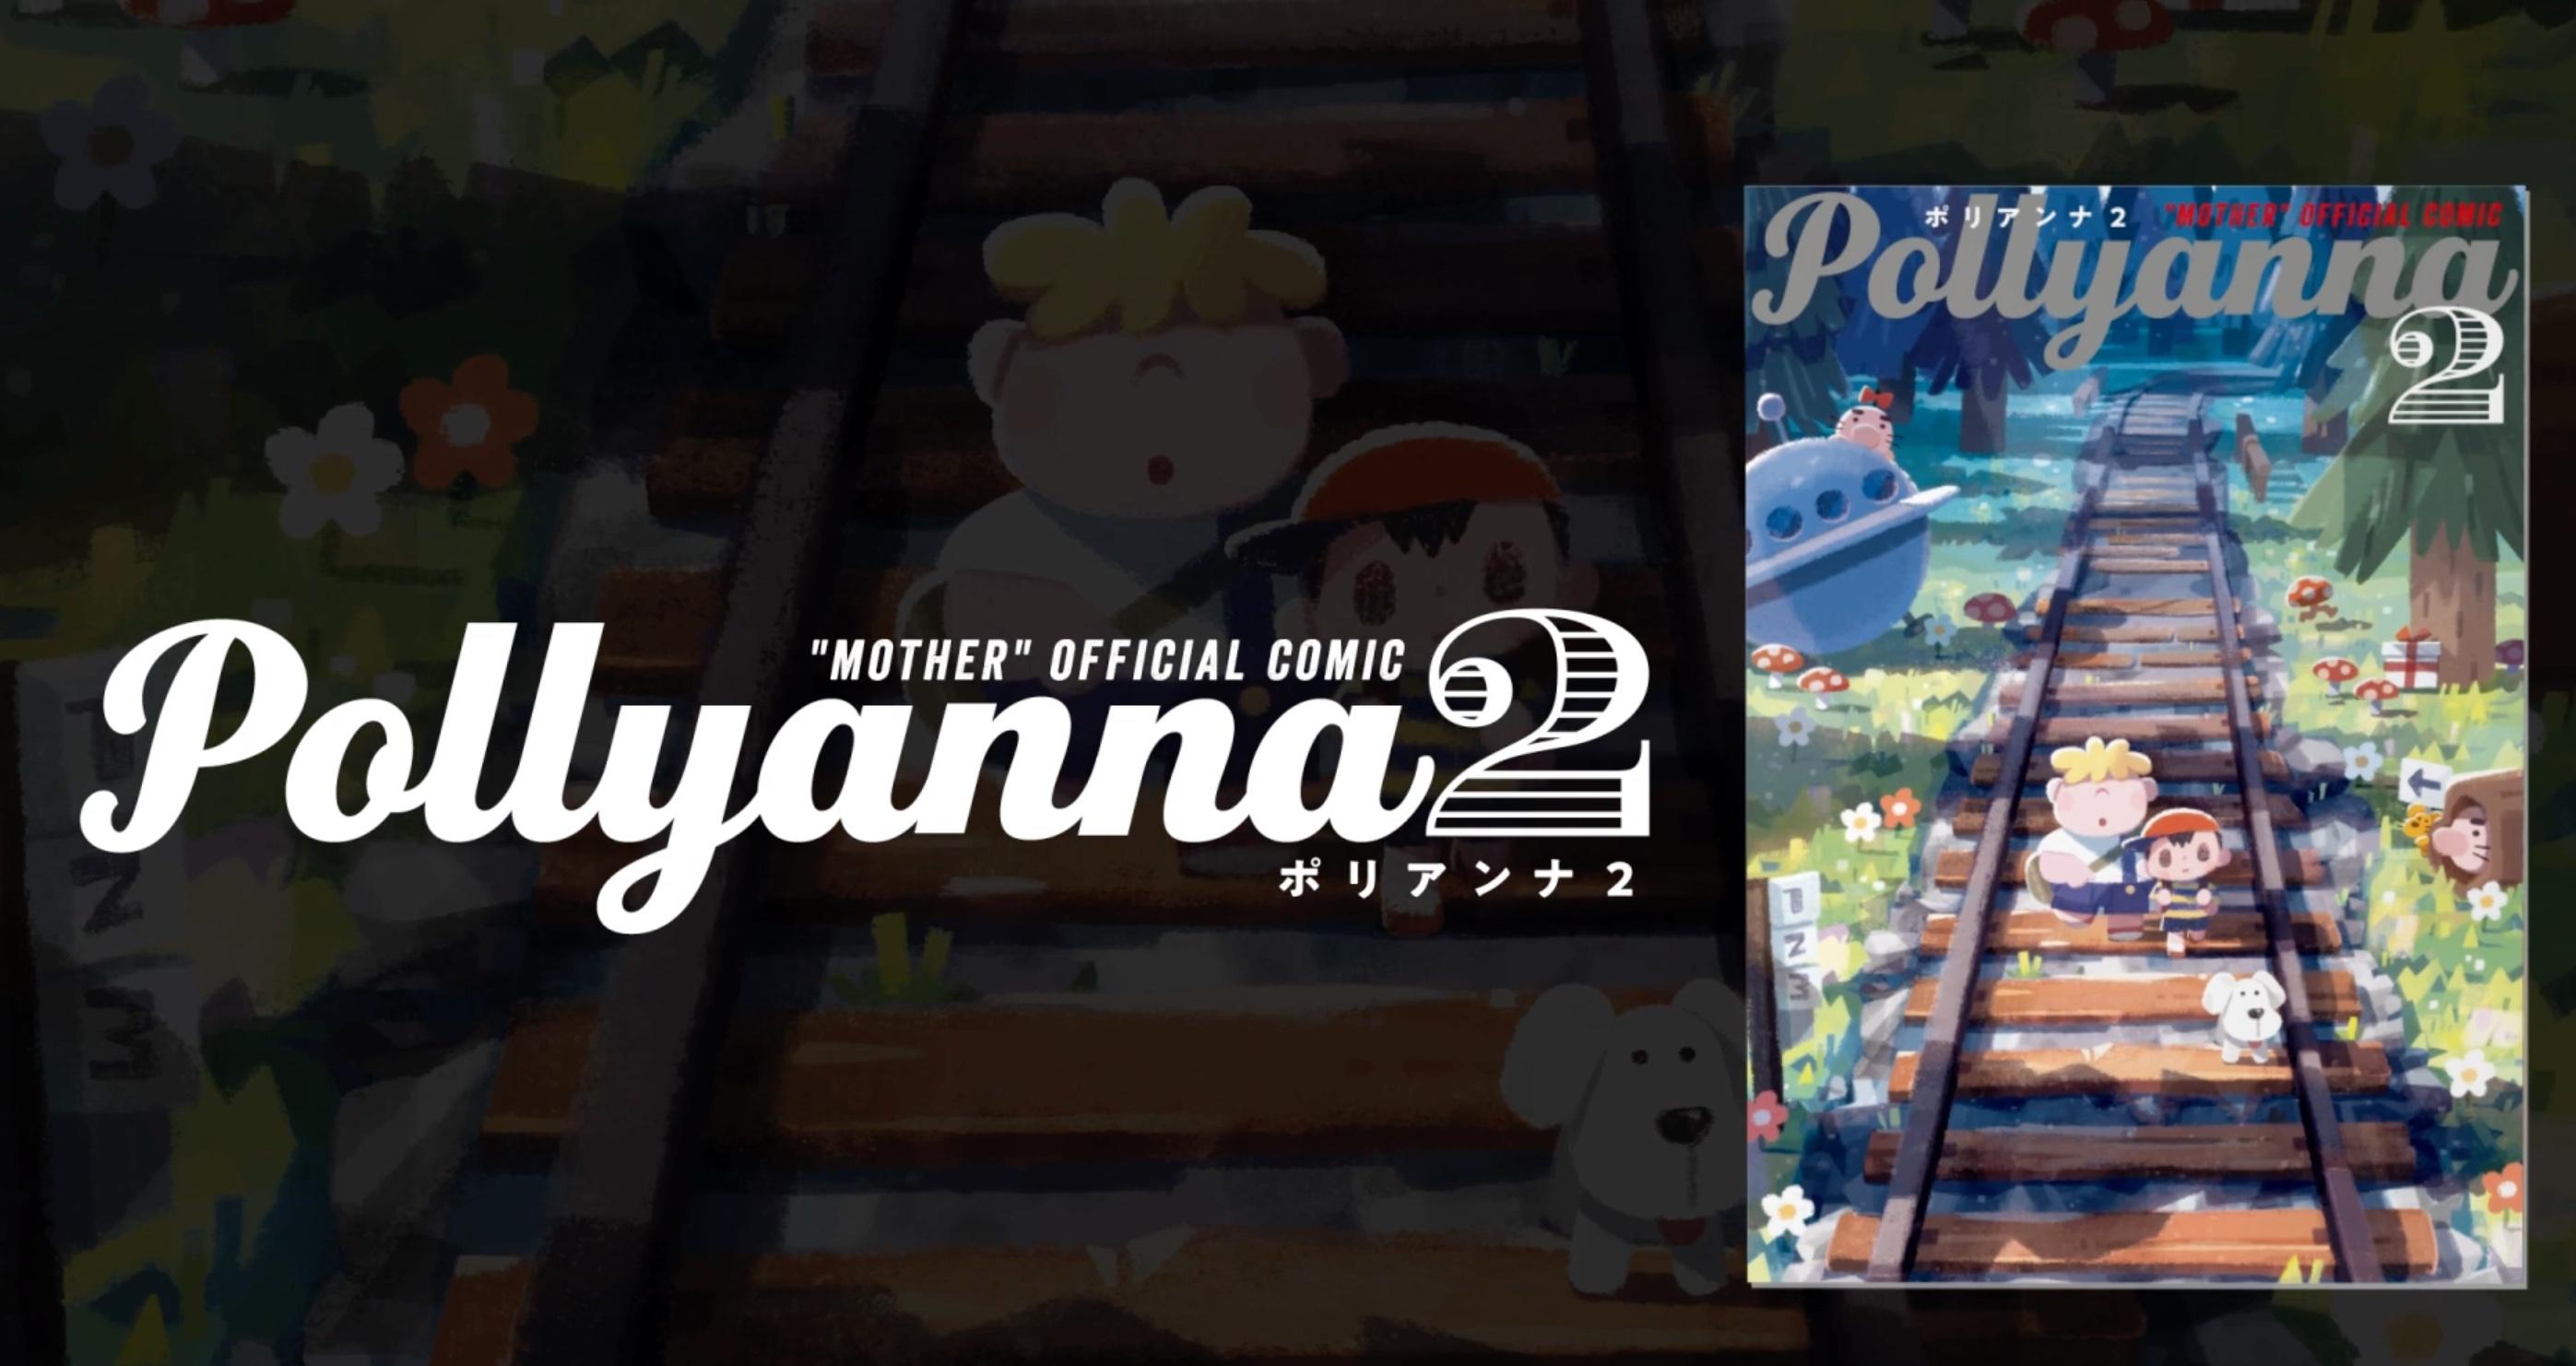 『Pollyanna2』 (C)SHIGESATO ITOI / Nintendo (C)HOBONICHI